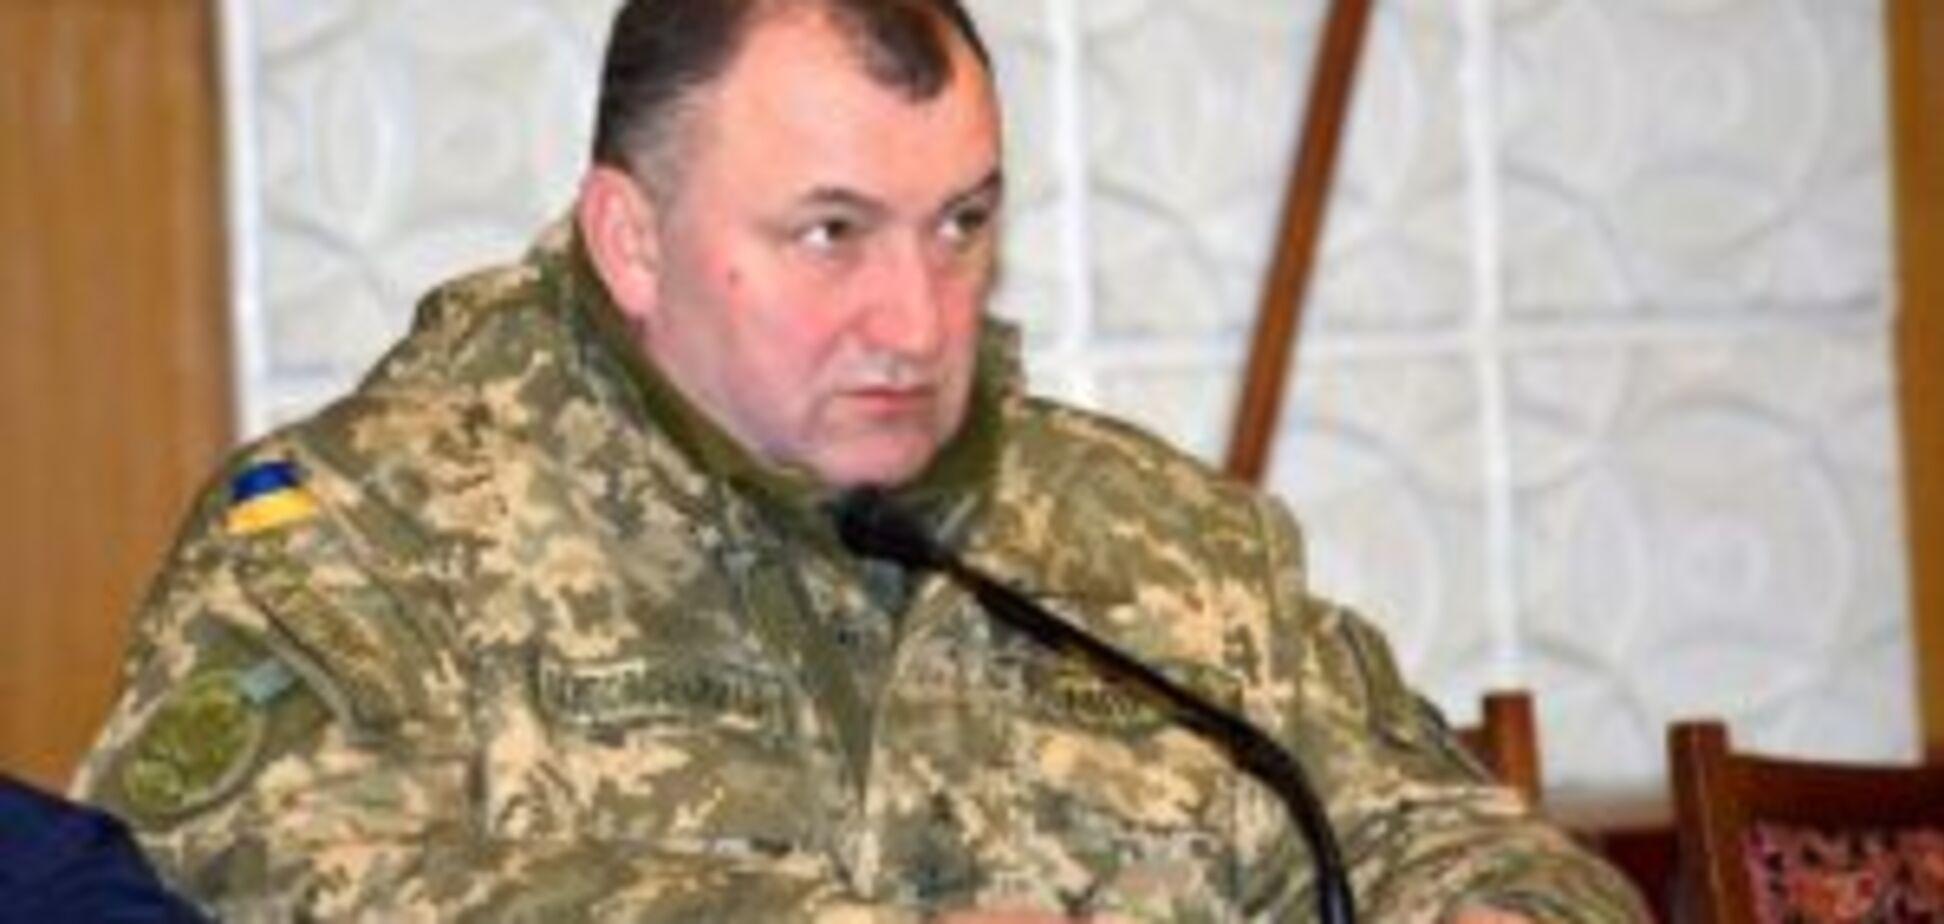 L'Européenne de Bruxelles опубликовала материал о скандалах в Минобороны Украины